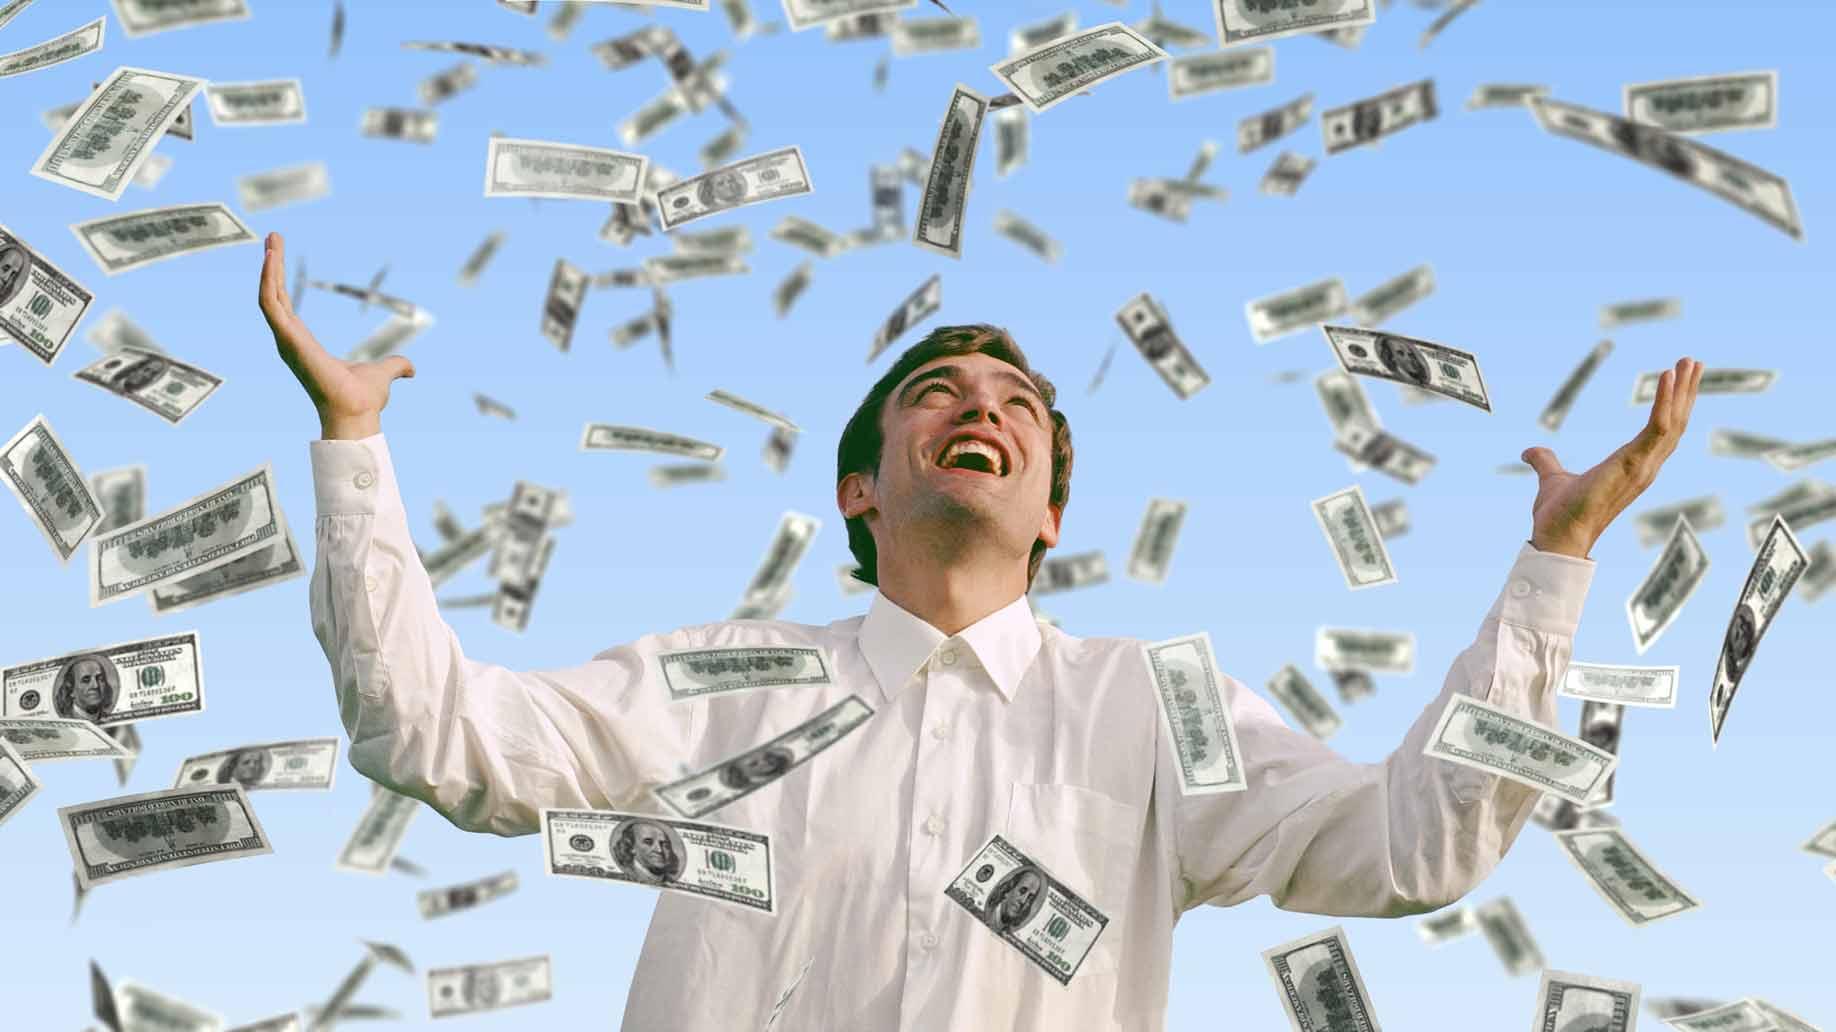 Тіркелу бонусы: Blackjack Ballroom-дағы 500-тегі алғашқы 3 депозиттеріндегі $ € XNUMX депозиттік бонус